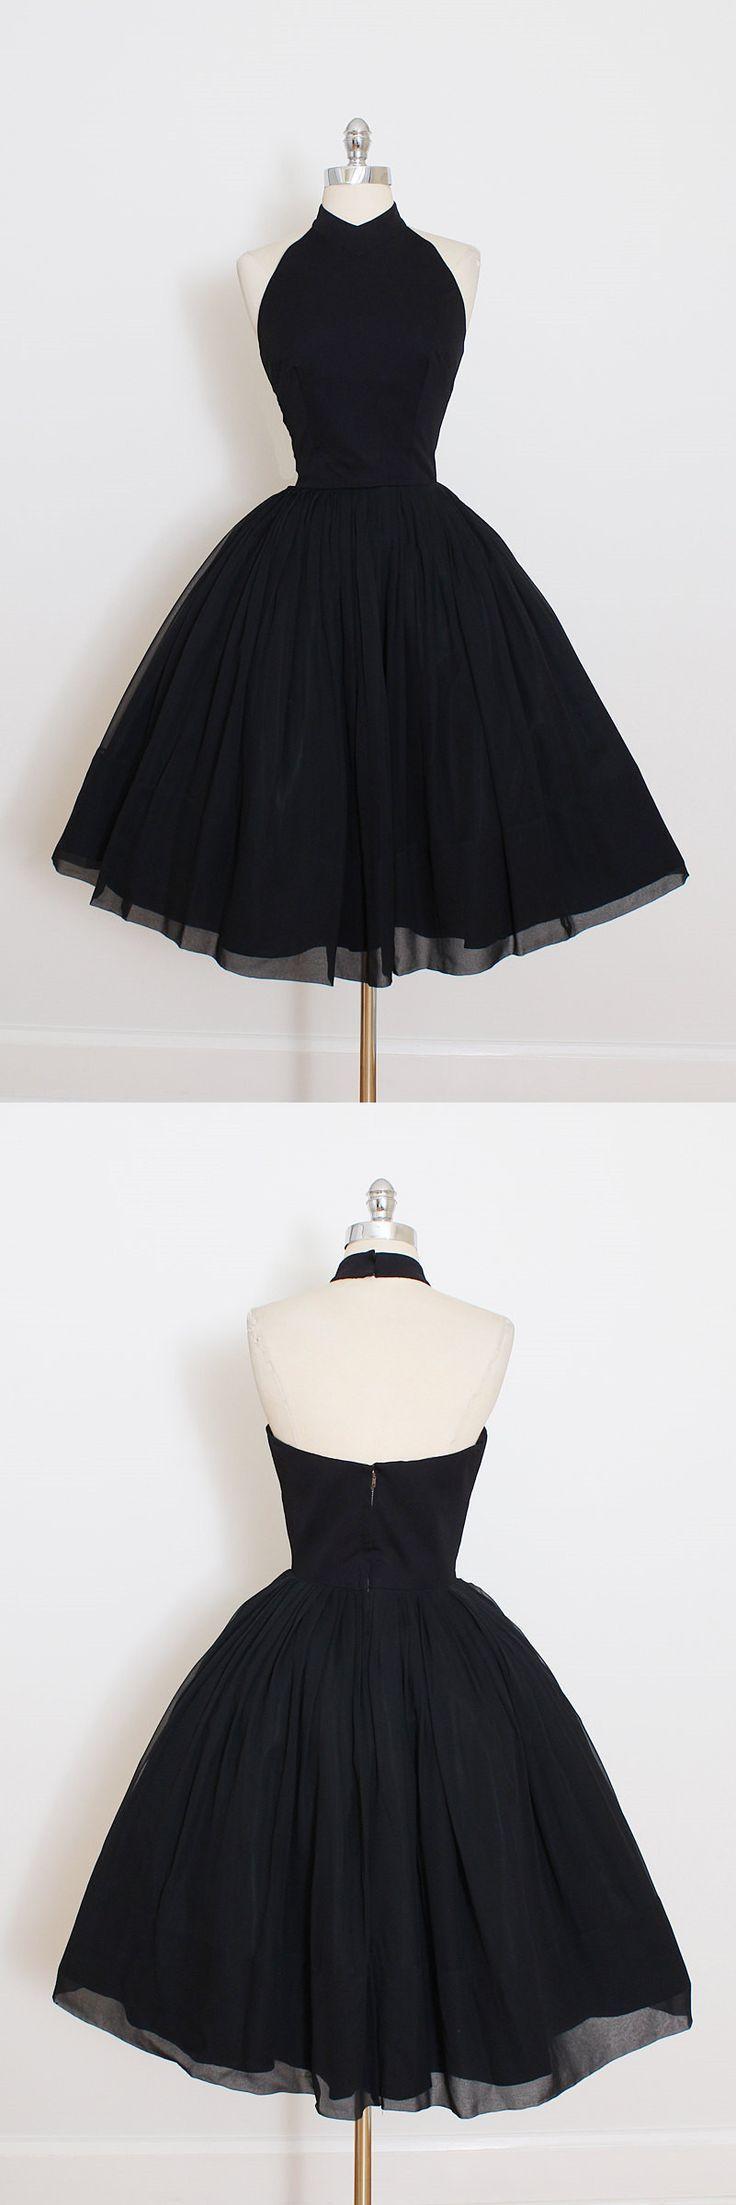 kleines schwarzes Kleid, 2017 kurze schwarze Ballk…